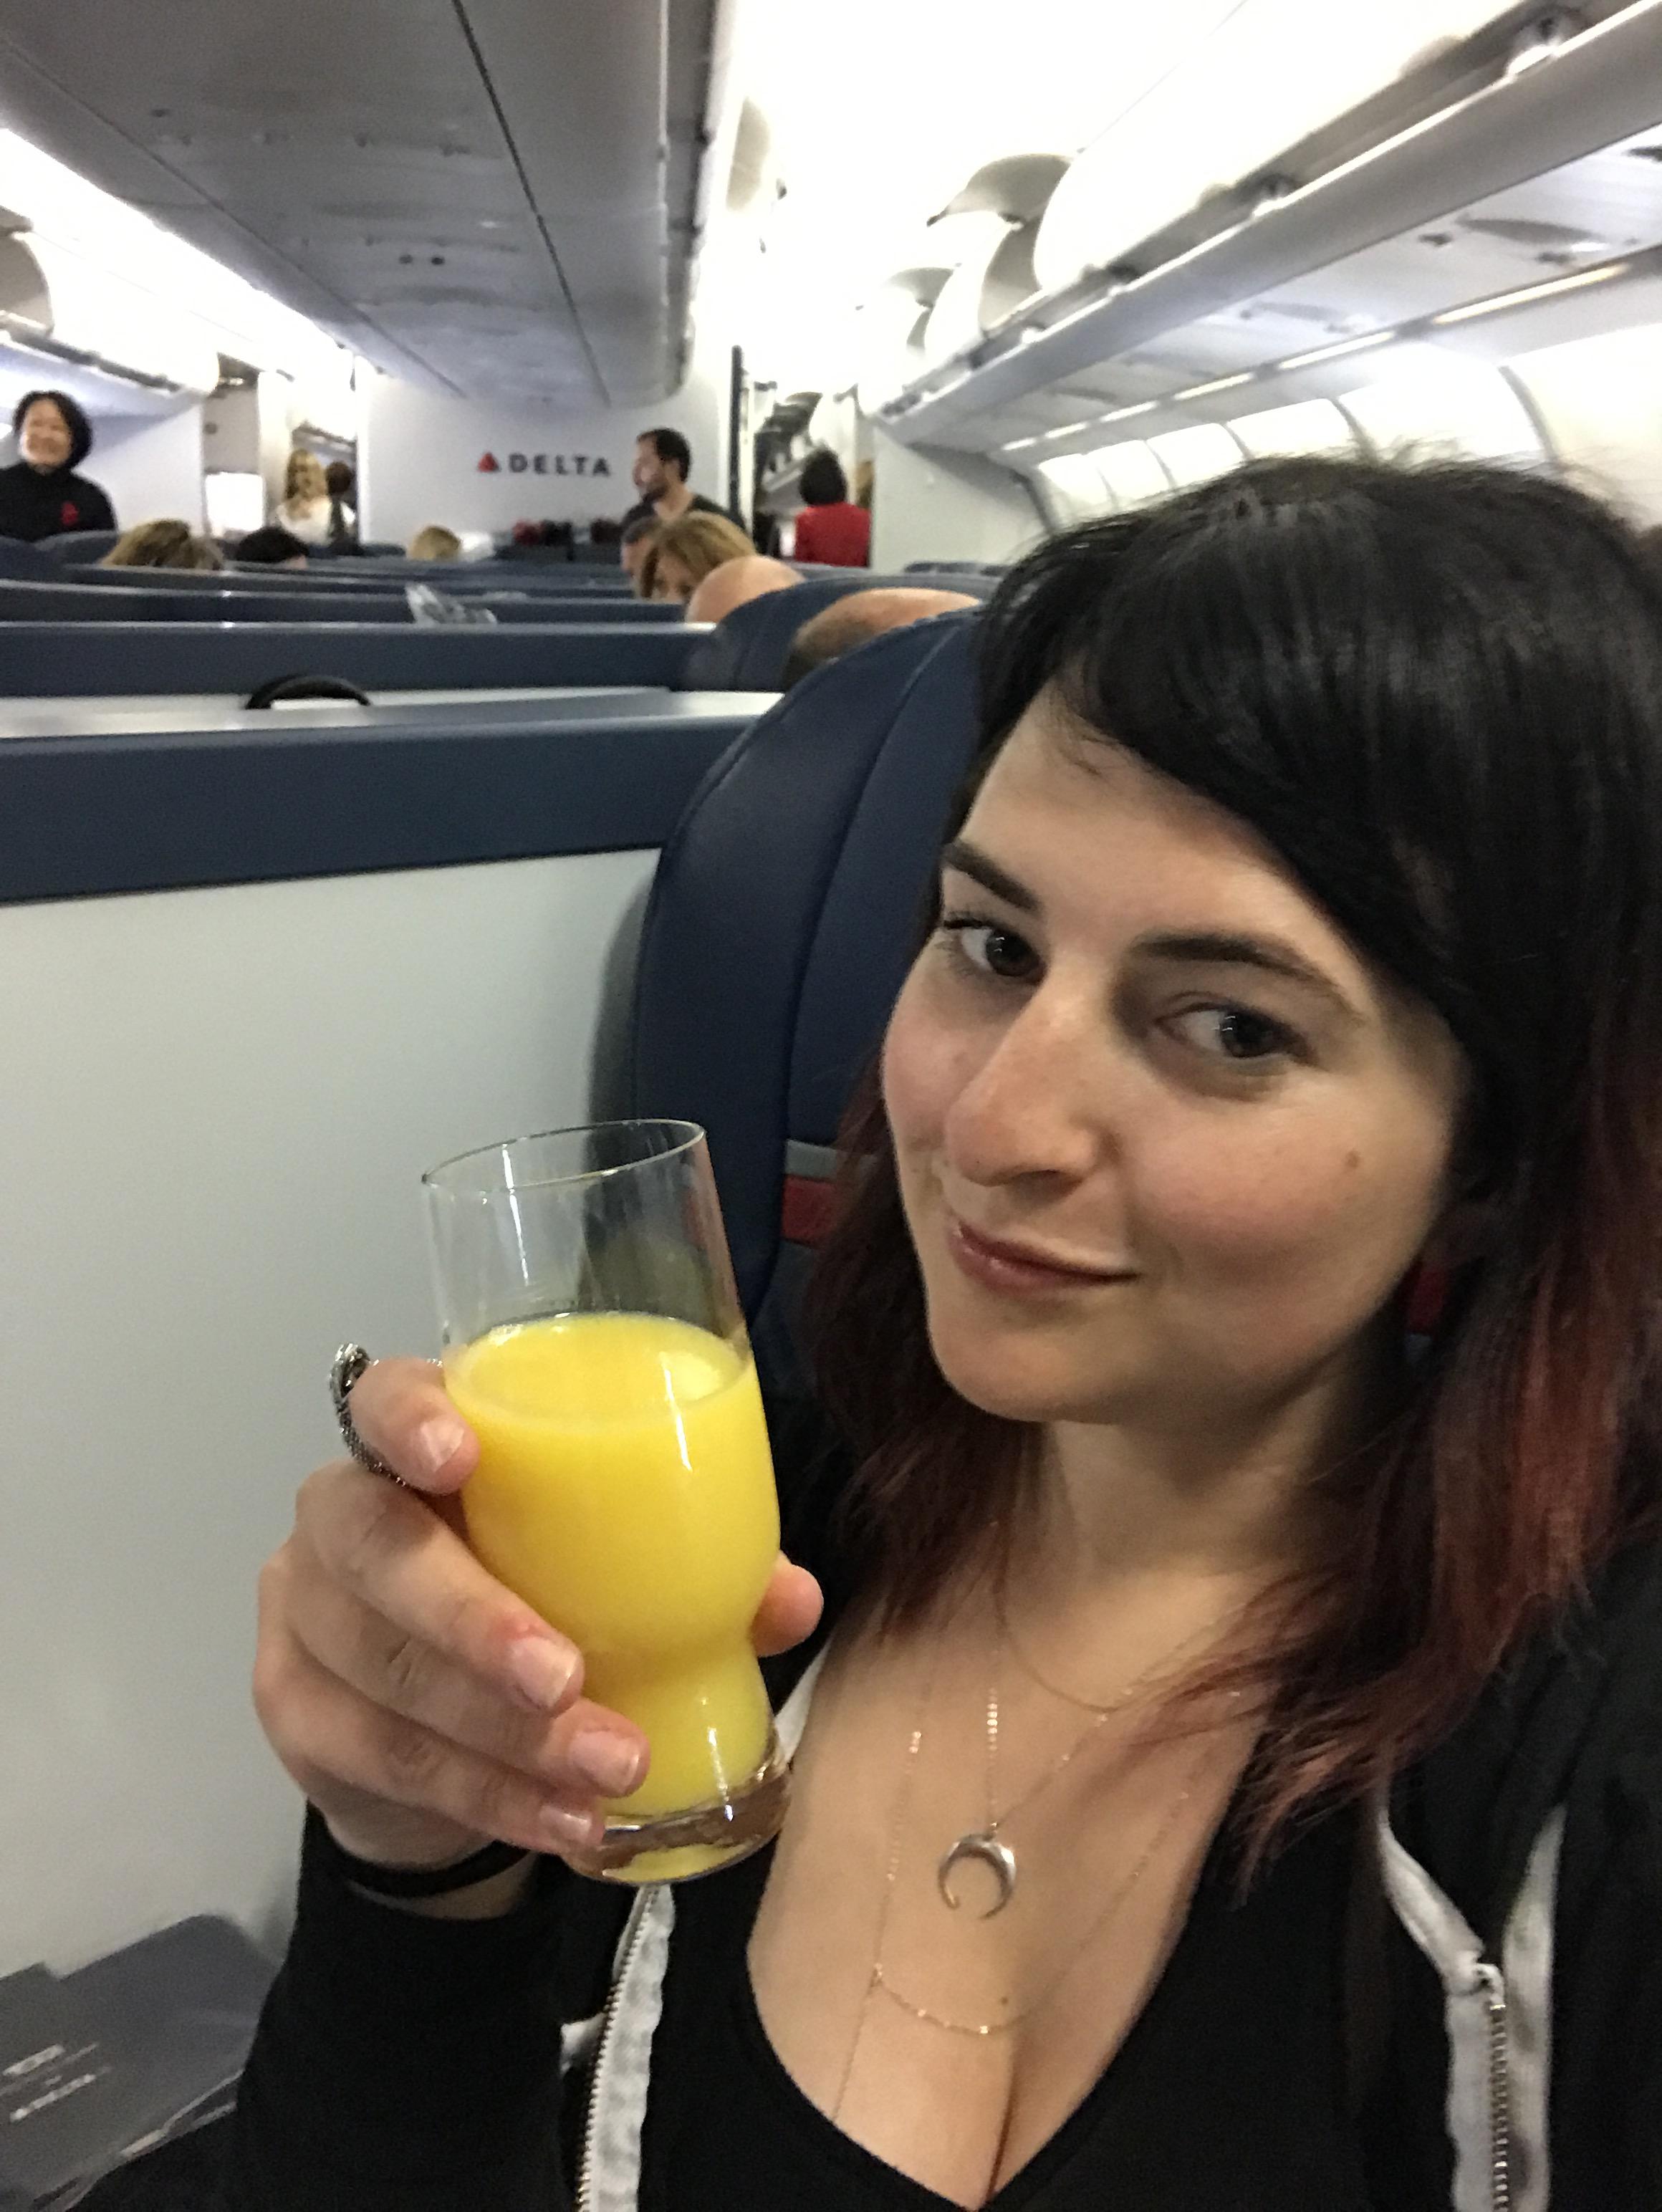 Becca-in-first-class.JPG